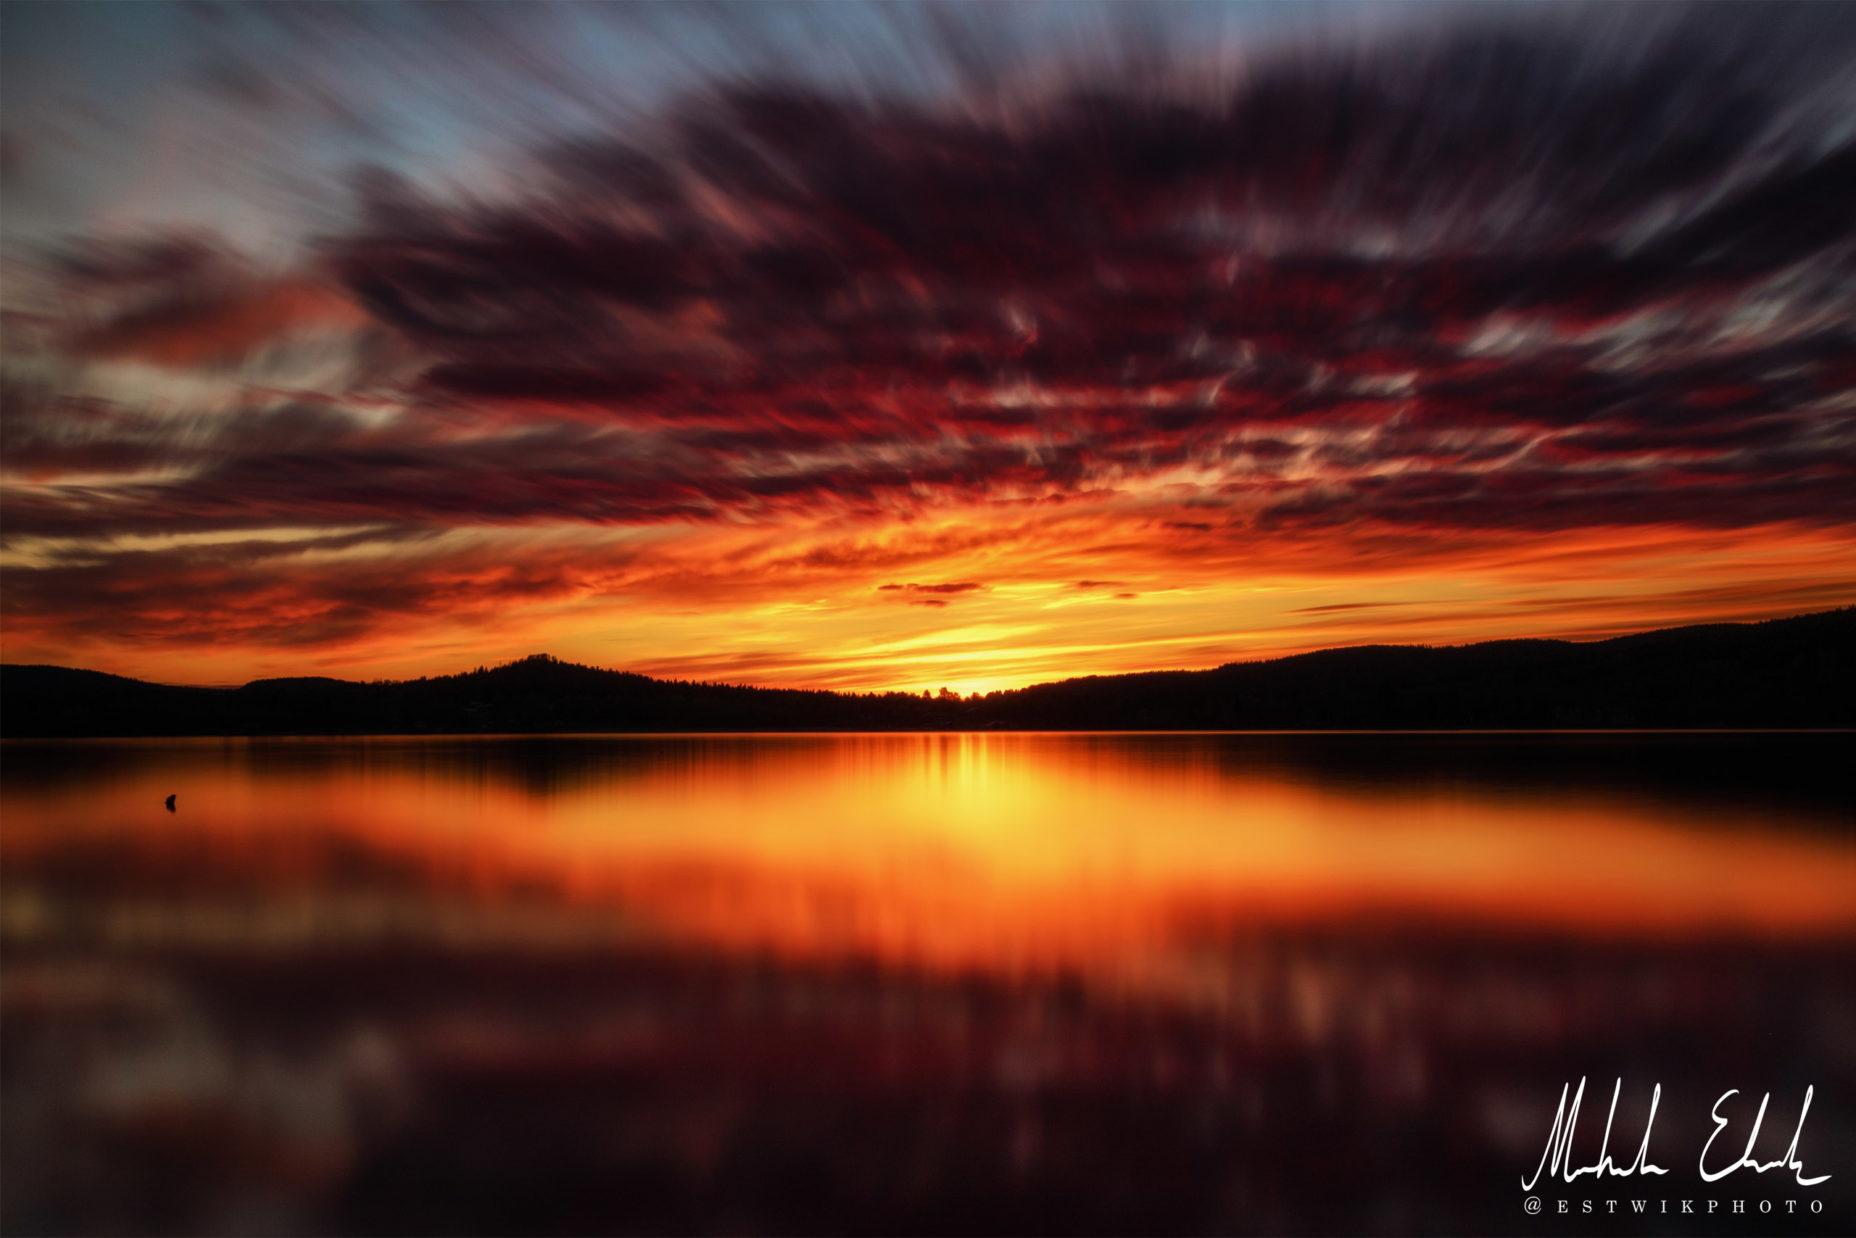 Långtidsexponering av solnedgång